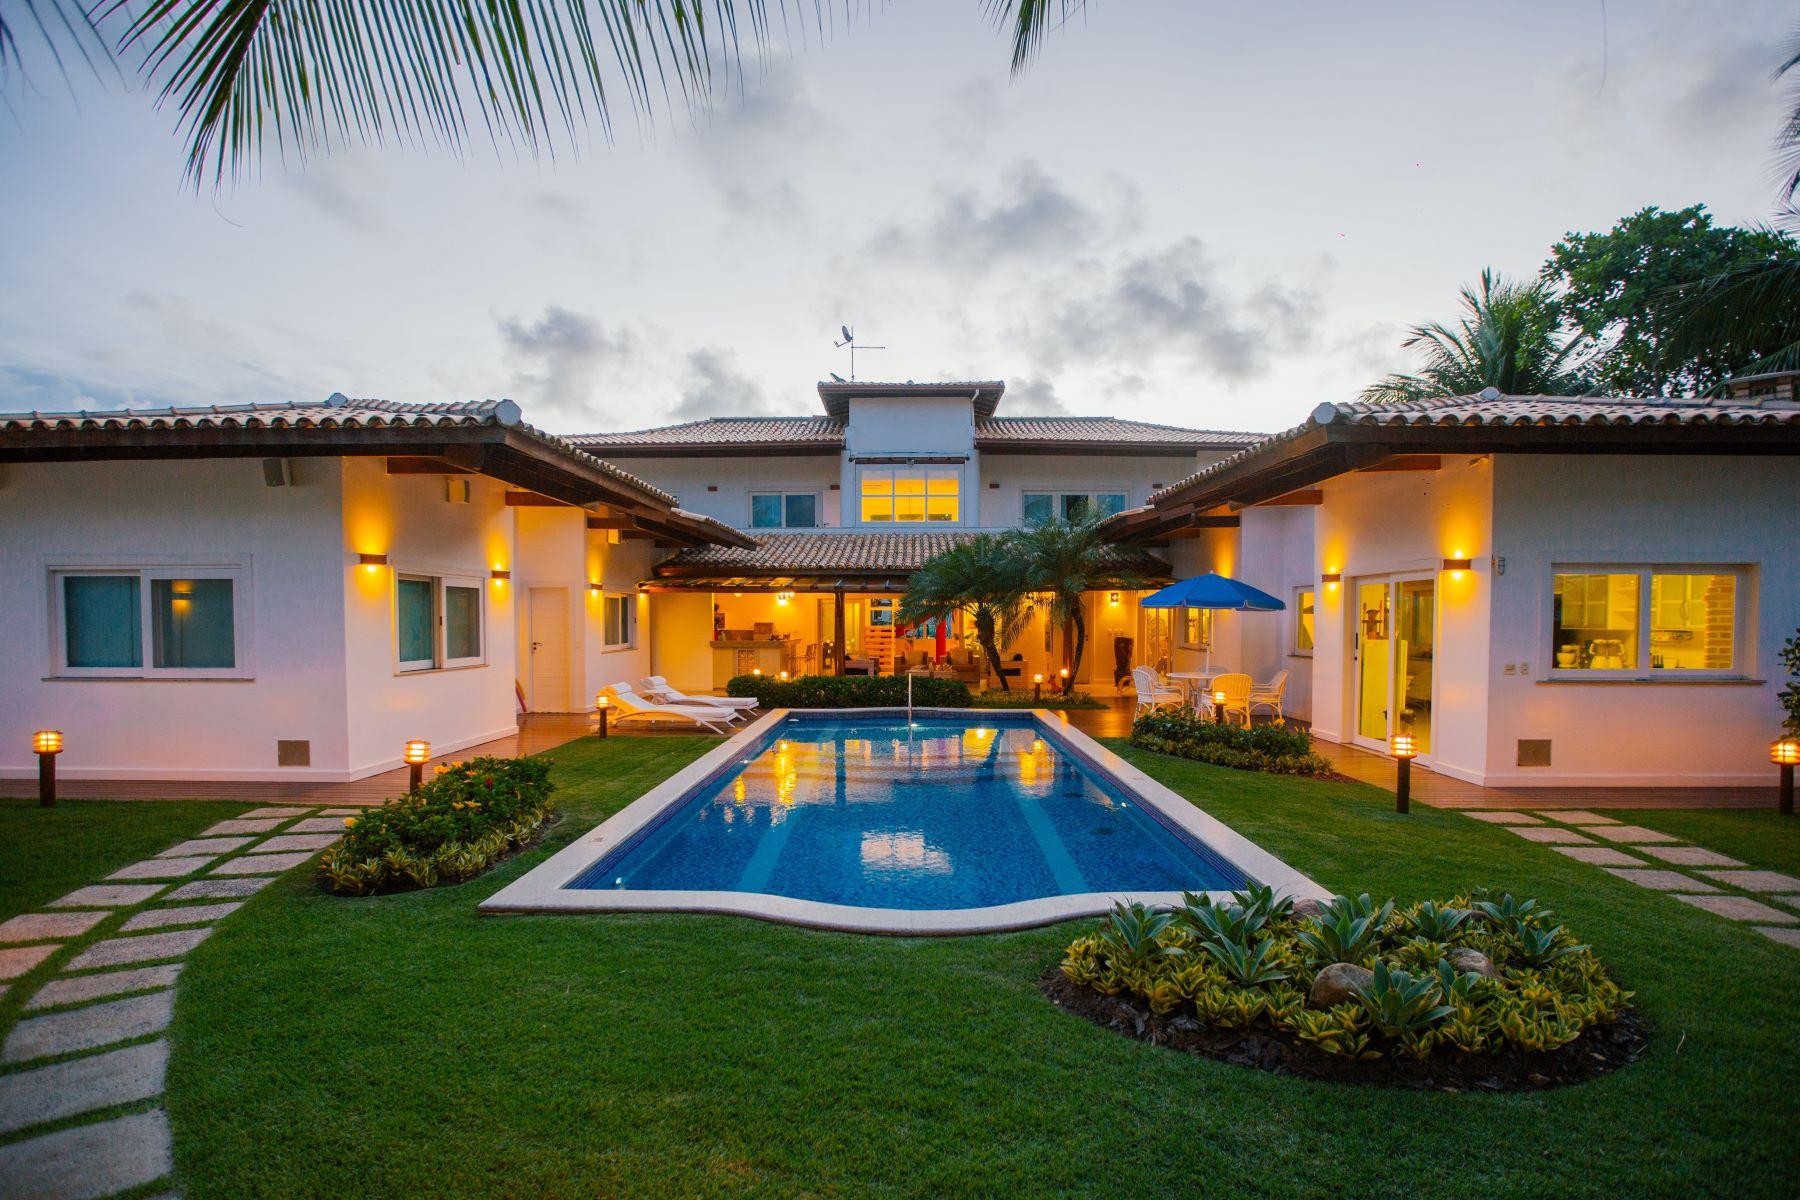 独户住宅 为 销售 在 Luxury in the sand Rodovia Ilhéus-olivença Ilheus, 巴伊亚, 45650000 巴西